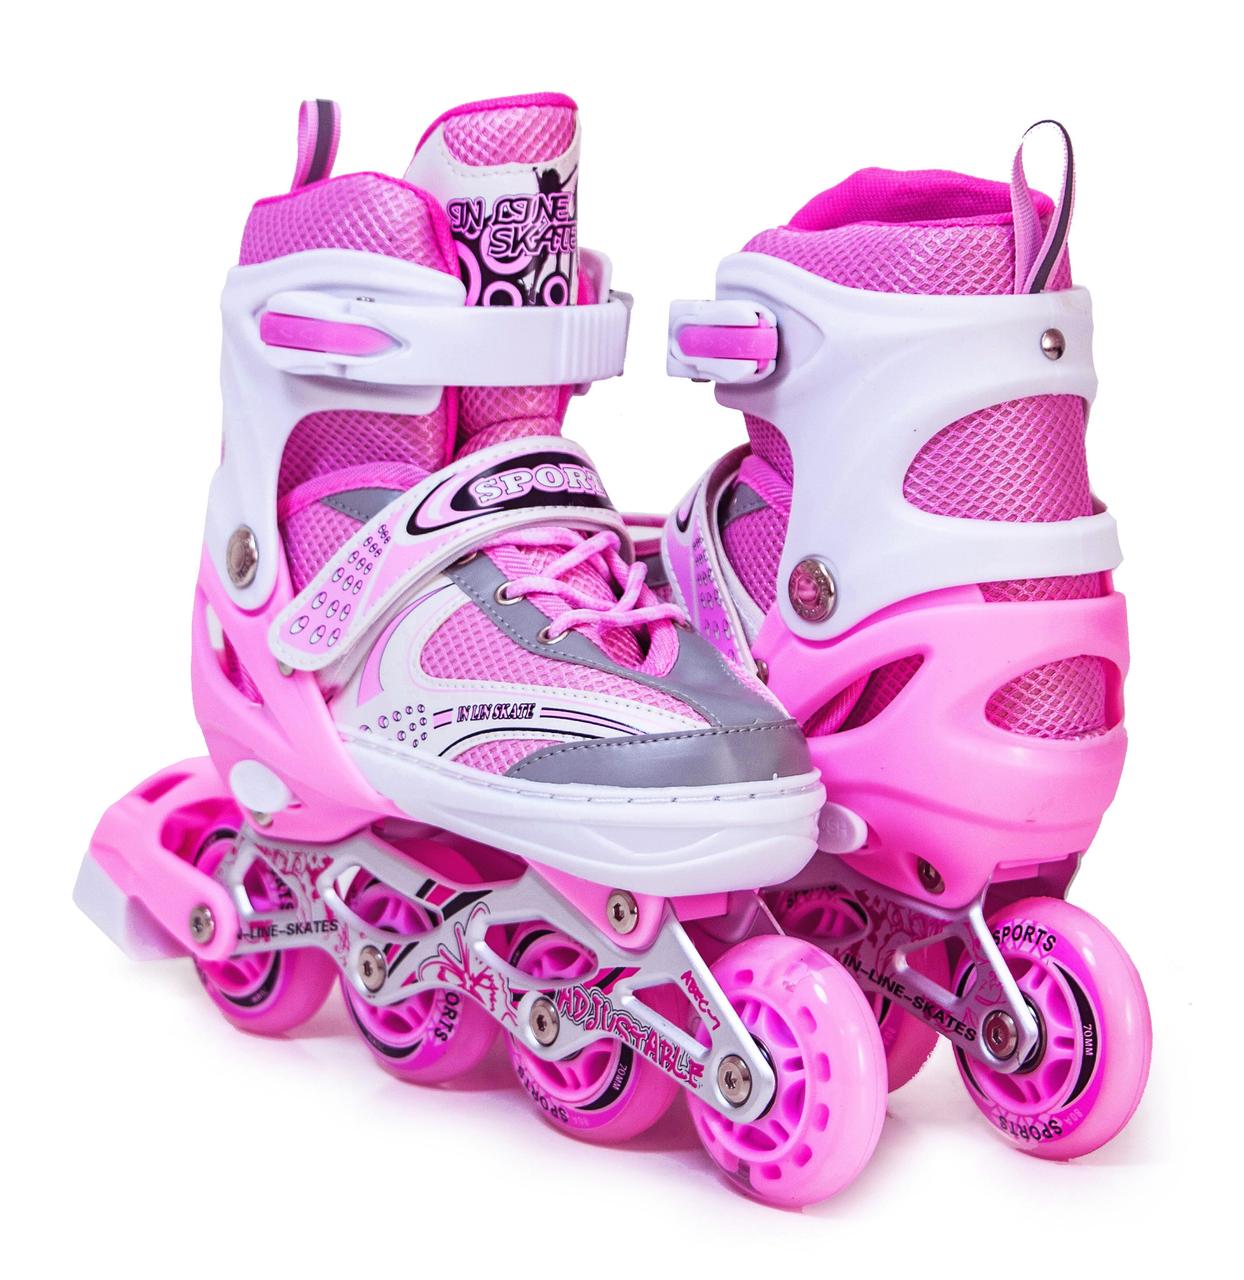 Ролики детские с защитой и шлемом четырехколесные для девочки с подсветкой размер М 34-37 Розовые